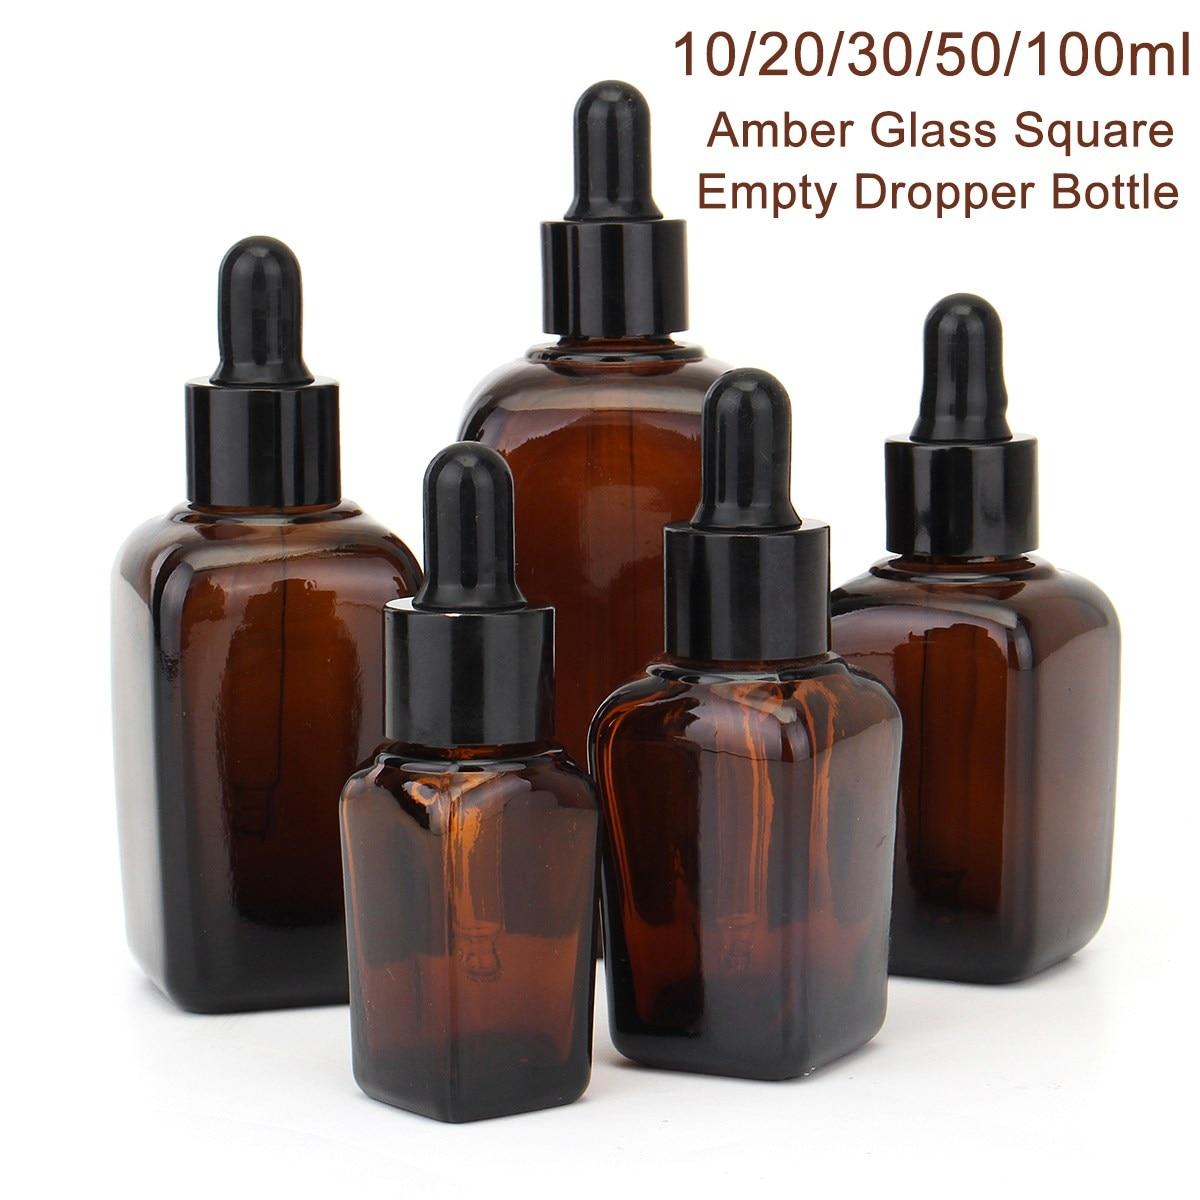 5 pz Piazza Contagocce Bottiglia di Vetro Con Pipetta Occhio Vuoto Ambra Aromaterapia Oli Essenziali Bottiglia di Contenitori 10/20/ 30/50/100 ml